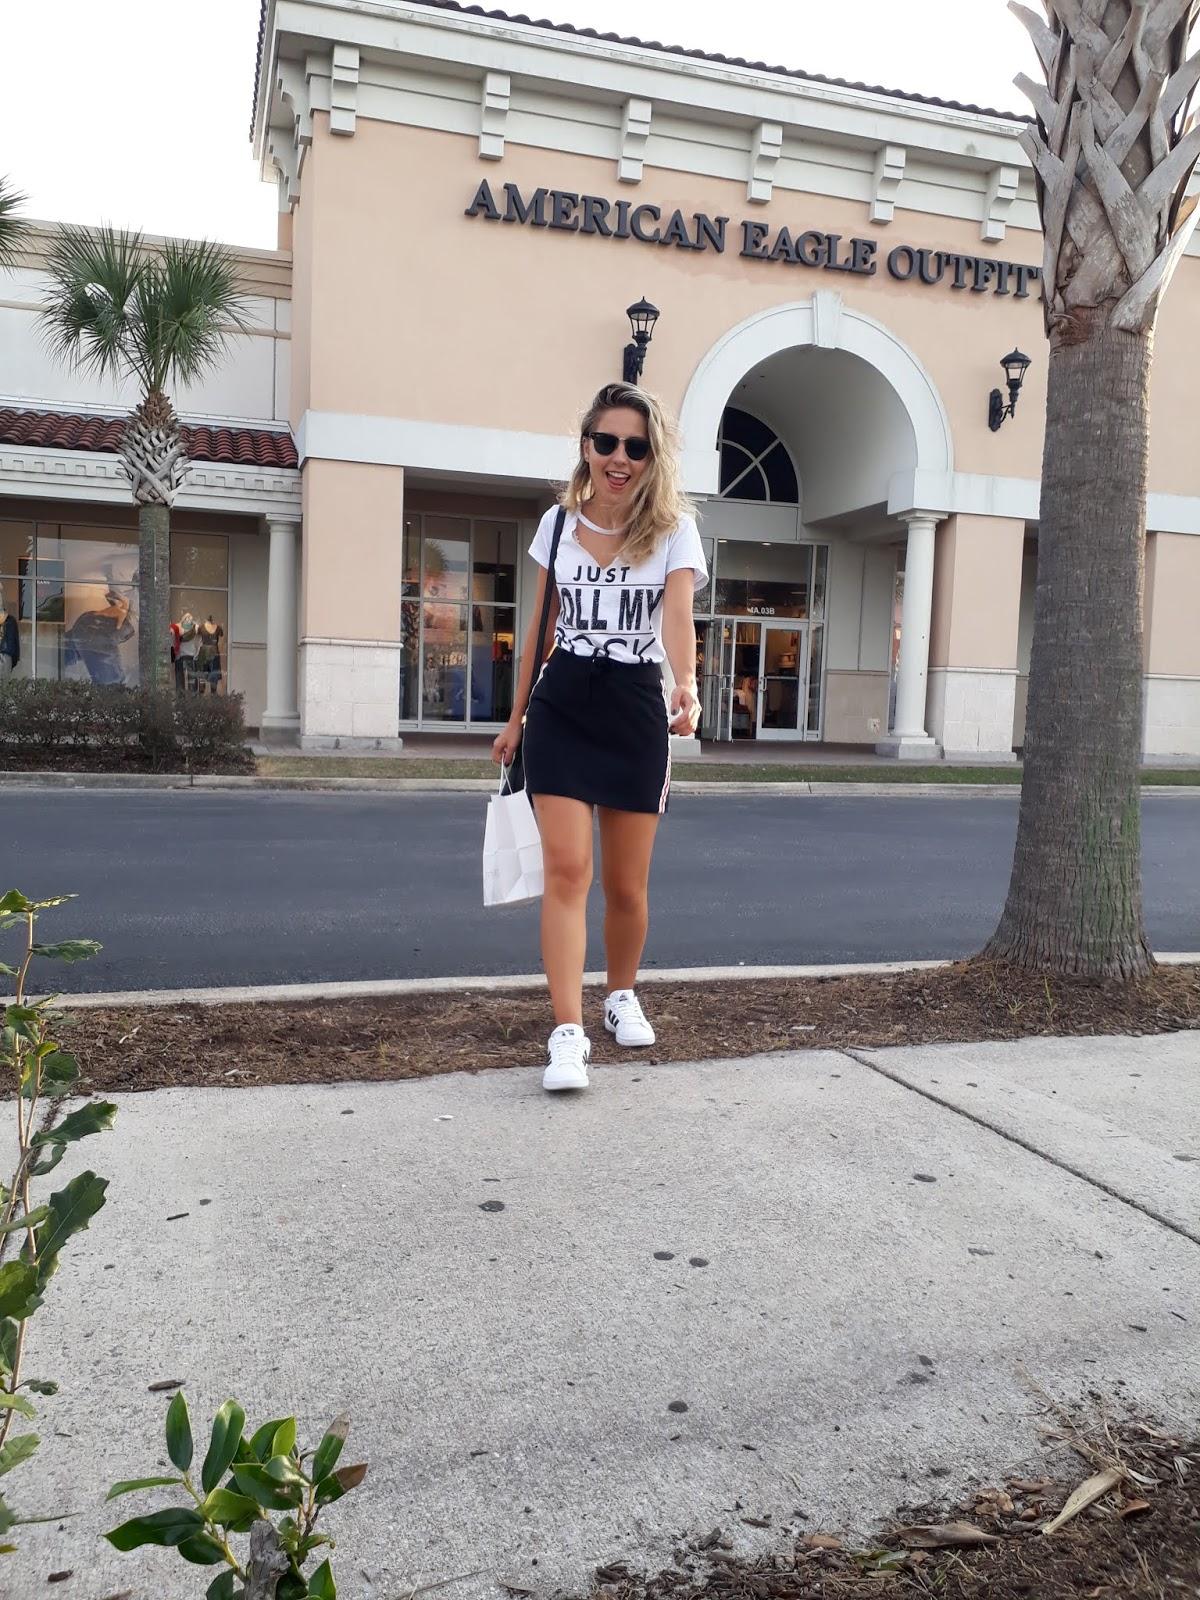 Dicas Miami/Orlando: Outlat, aluguel de carro e mais!